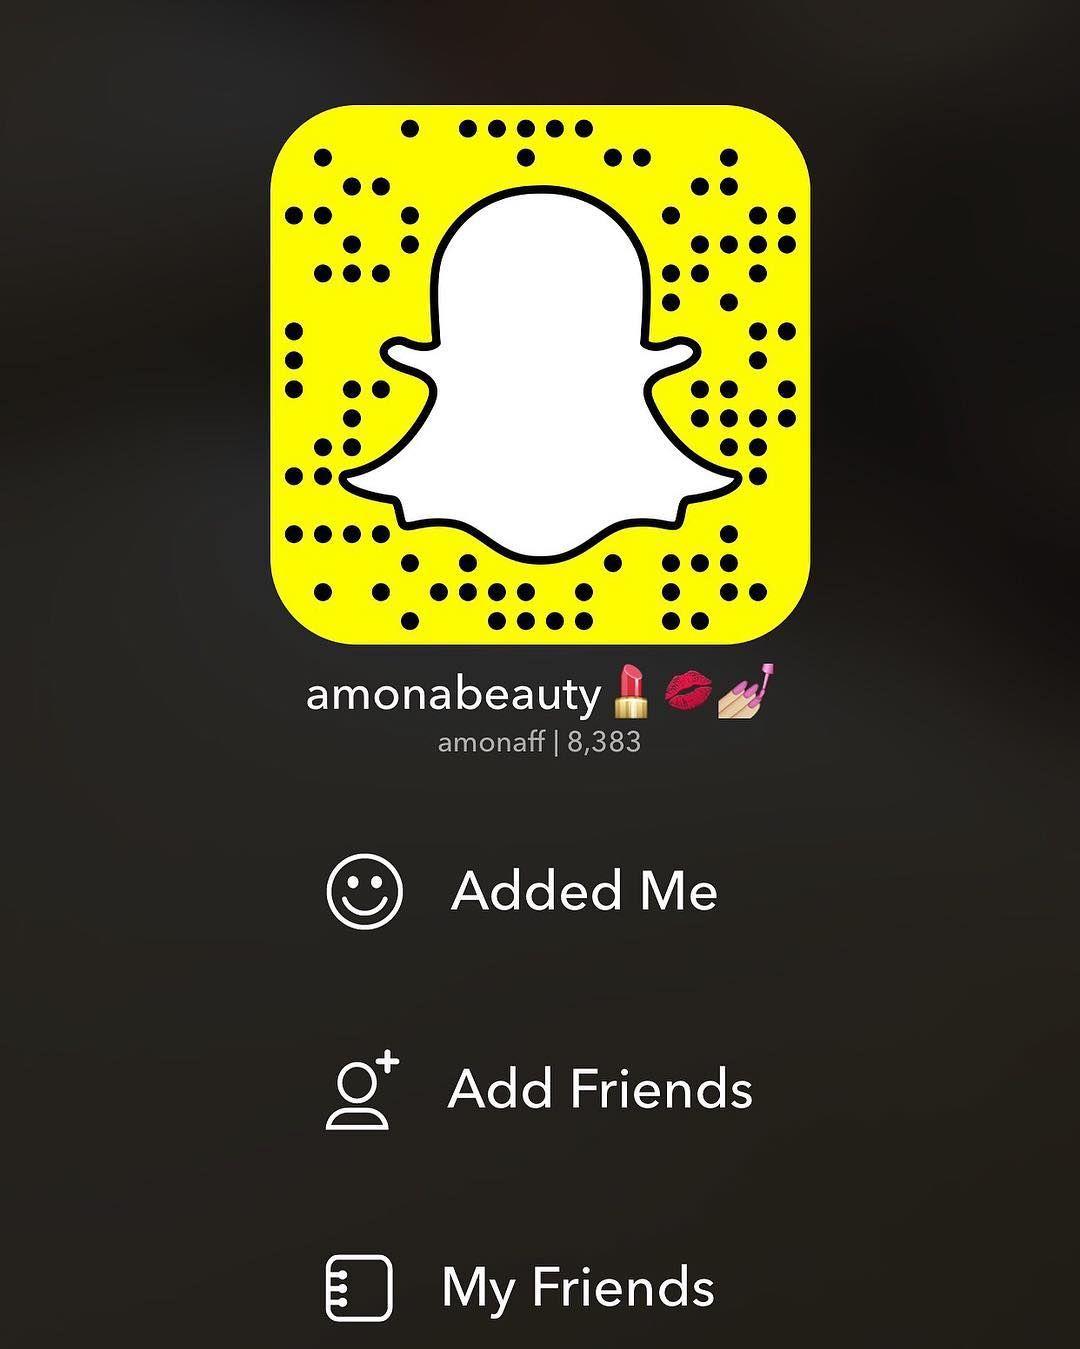 الحمدلله خلصت اشغالي اليوم بدري ايش تحبو نتكلم عنه في السناب Snapchat Screenshot Beauty Skin Add Friends